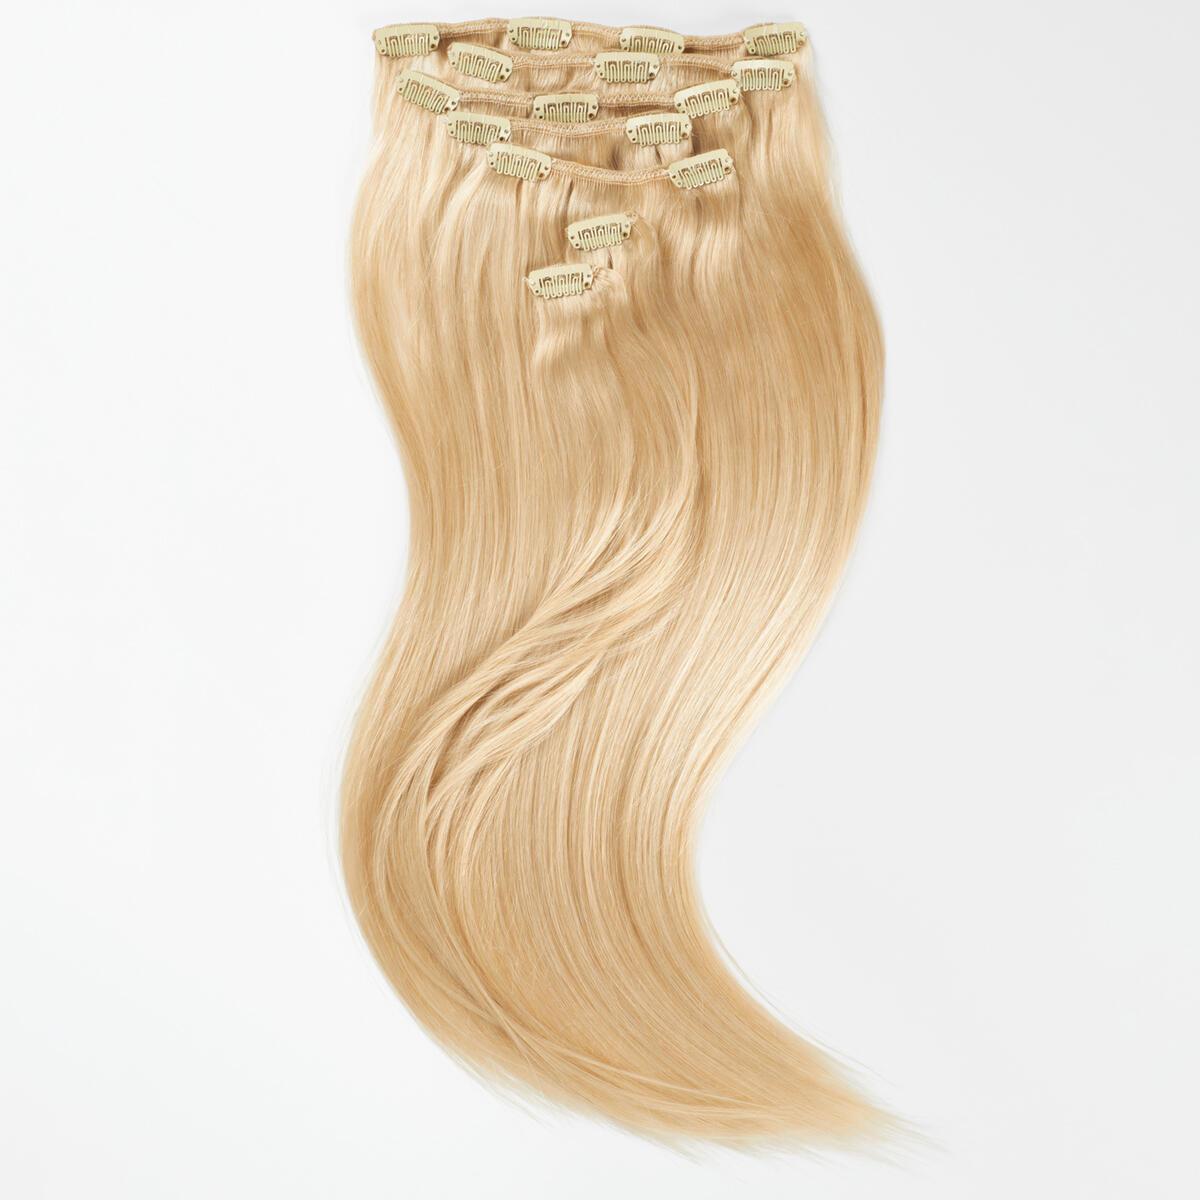 Clip-on set 8.0 Light Golden Blonde 50 cm